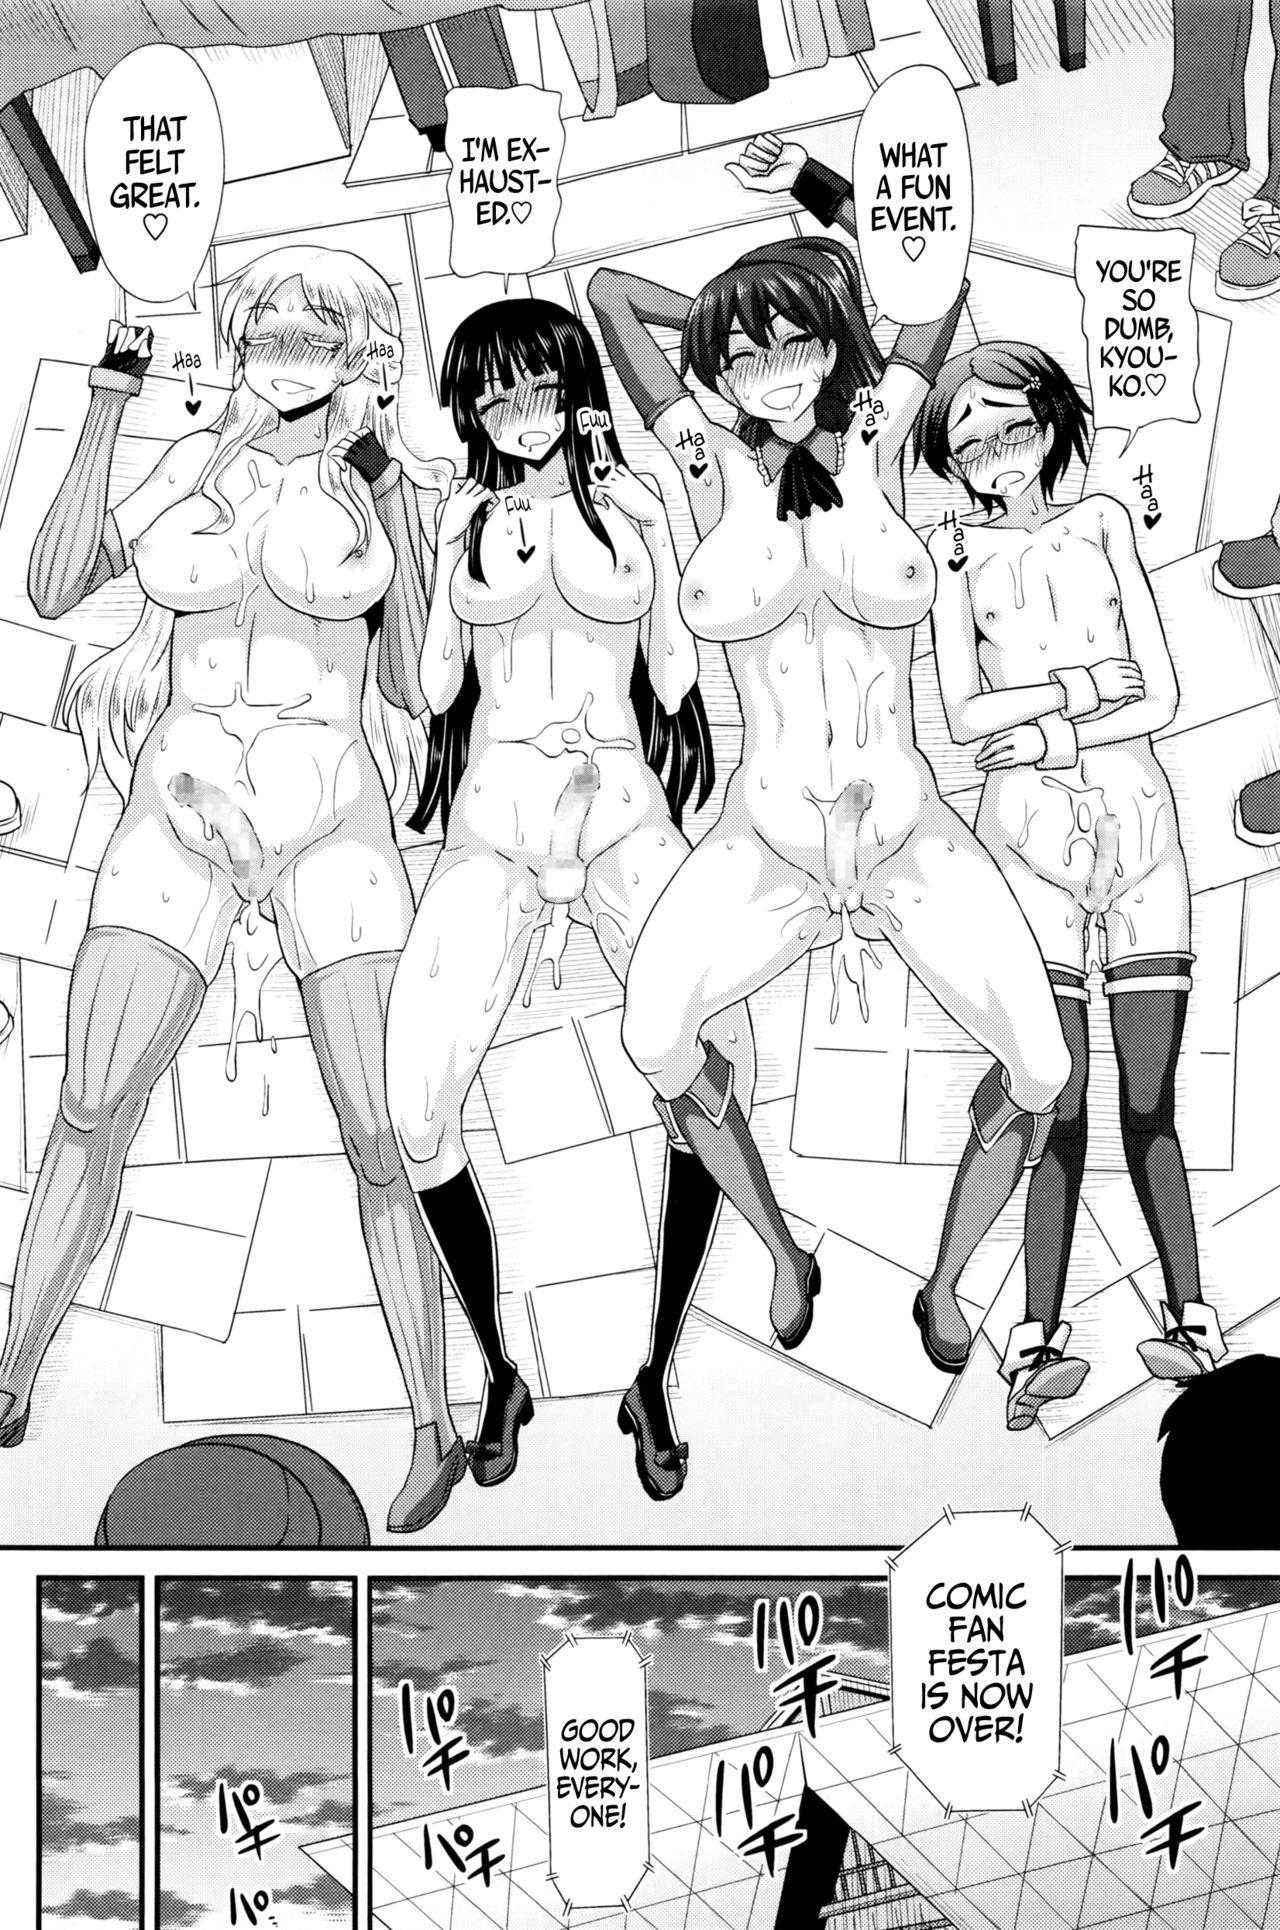 [Kurenai Yuuji] FutaKyo! ~Futanari Kyouko-chan~ #8 (COMIC Masyo 2016-04) [English] =SW= 18